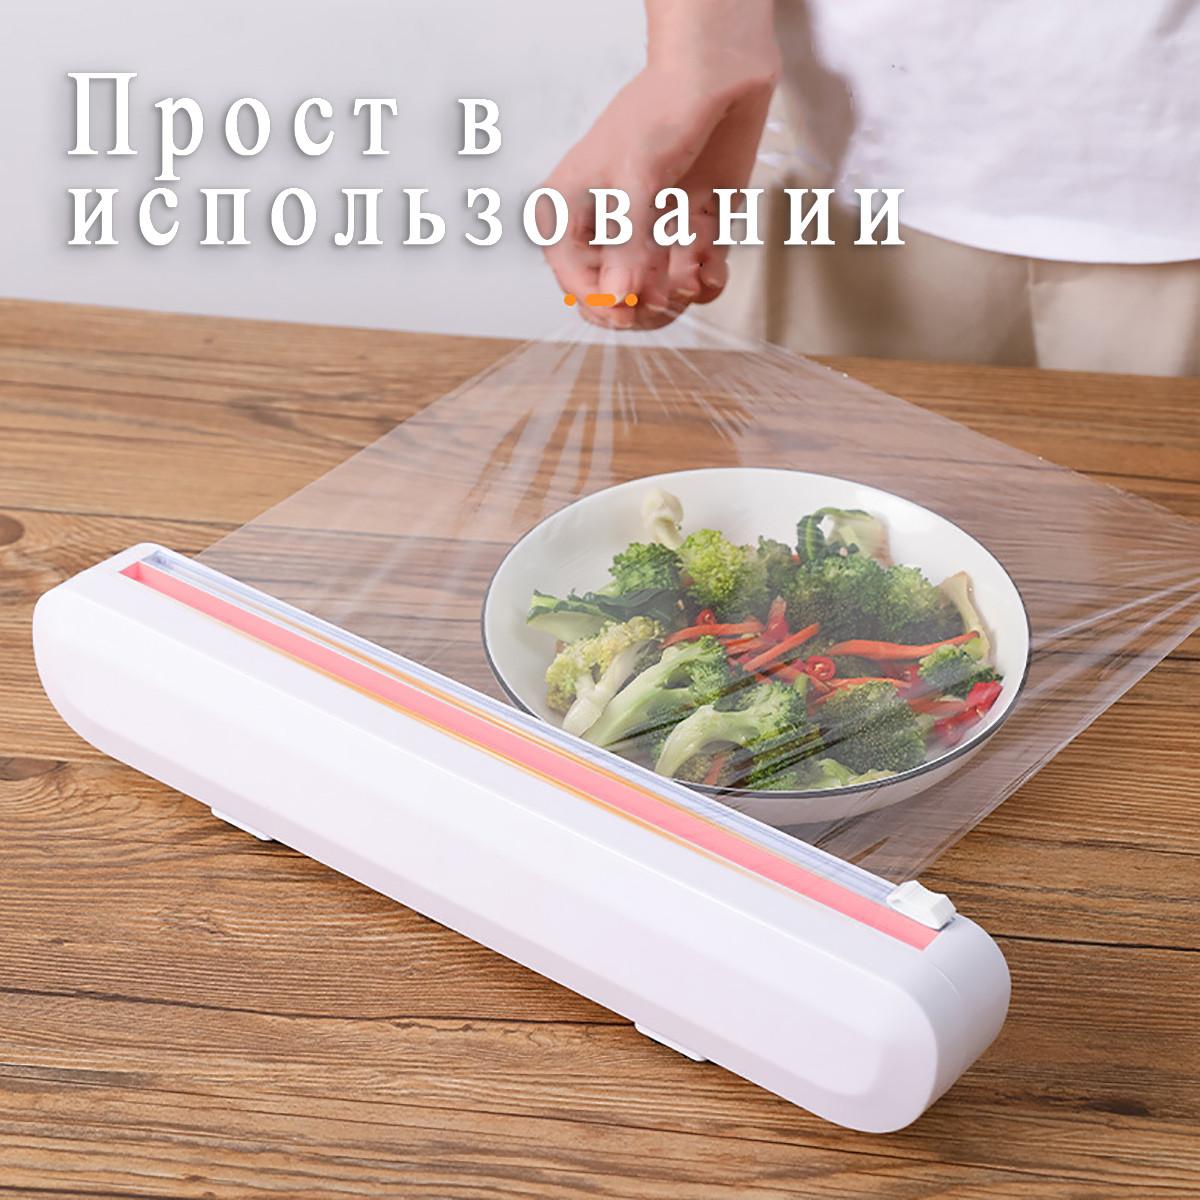 Органайзер диспенсер для пищевой пленки и фольги Wi-dispenser держатель для пленки с ножом